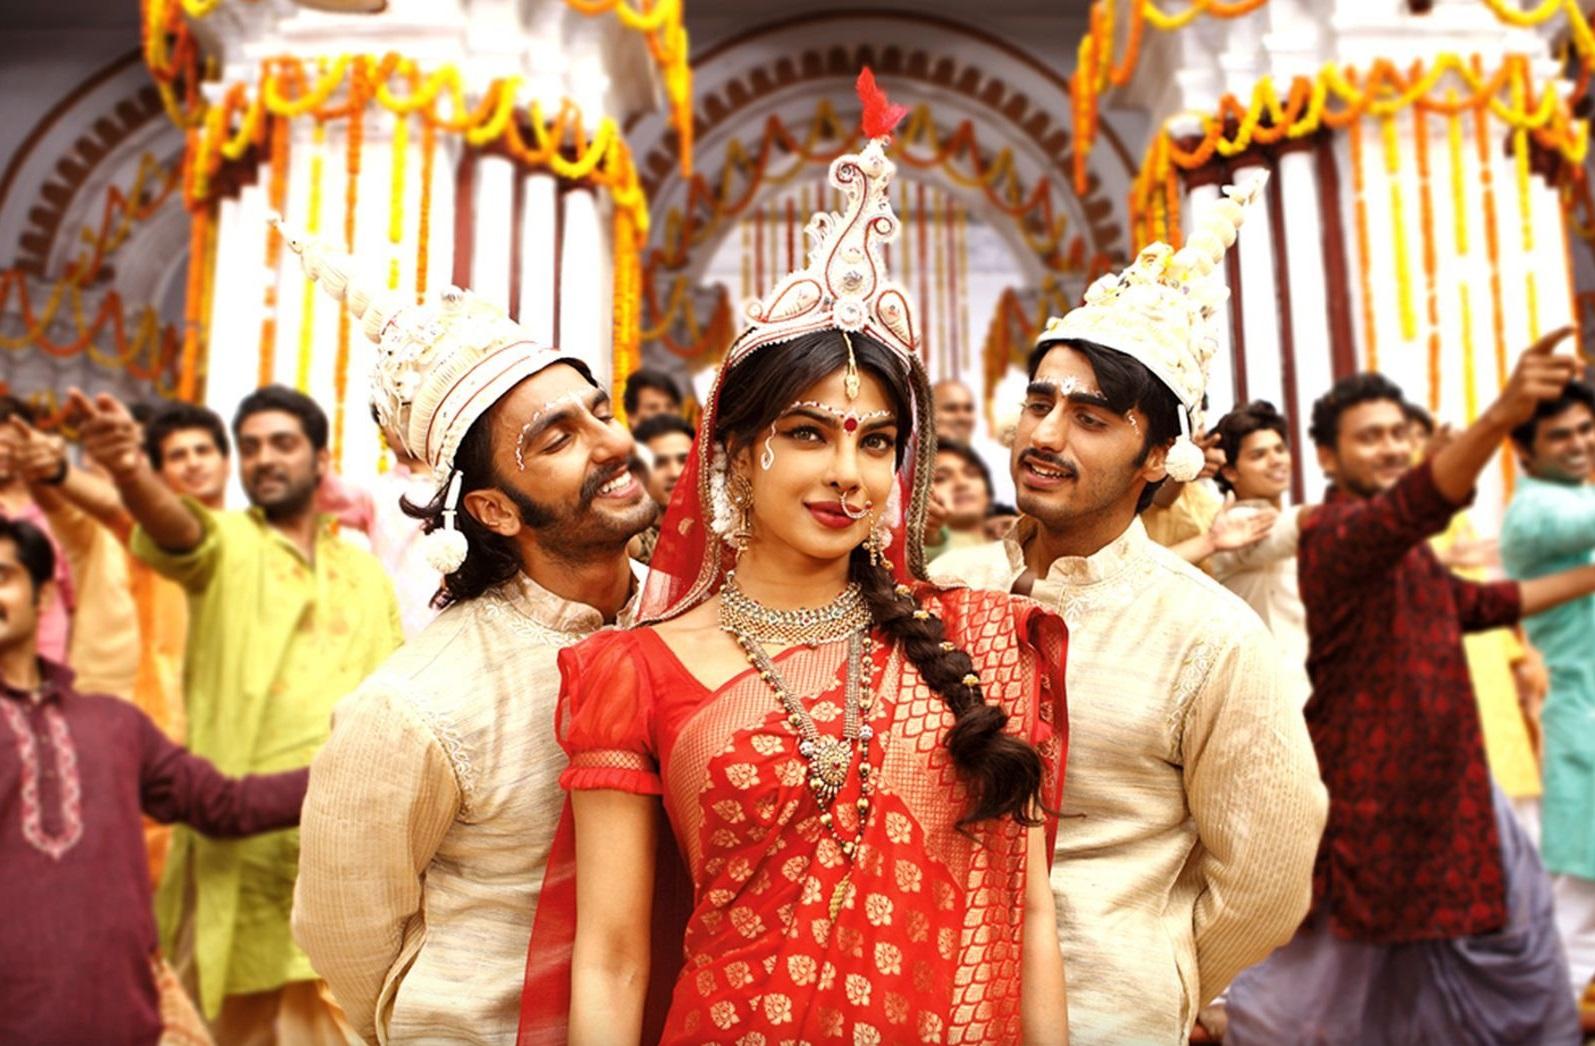 Durga puja, Movie, Bollywood, Bengal, Kolkata, Devdas, Kahaani, Piku, Lootera